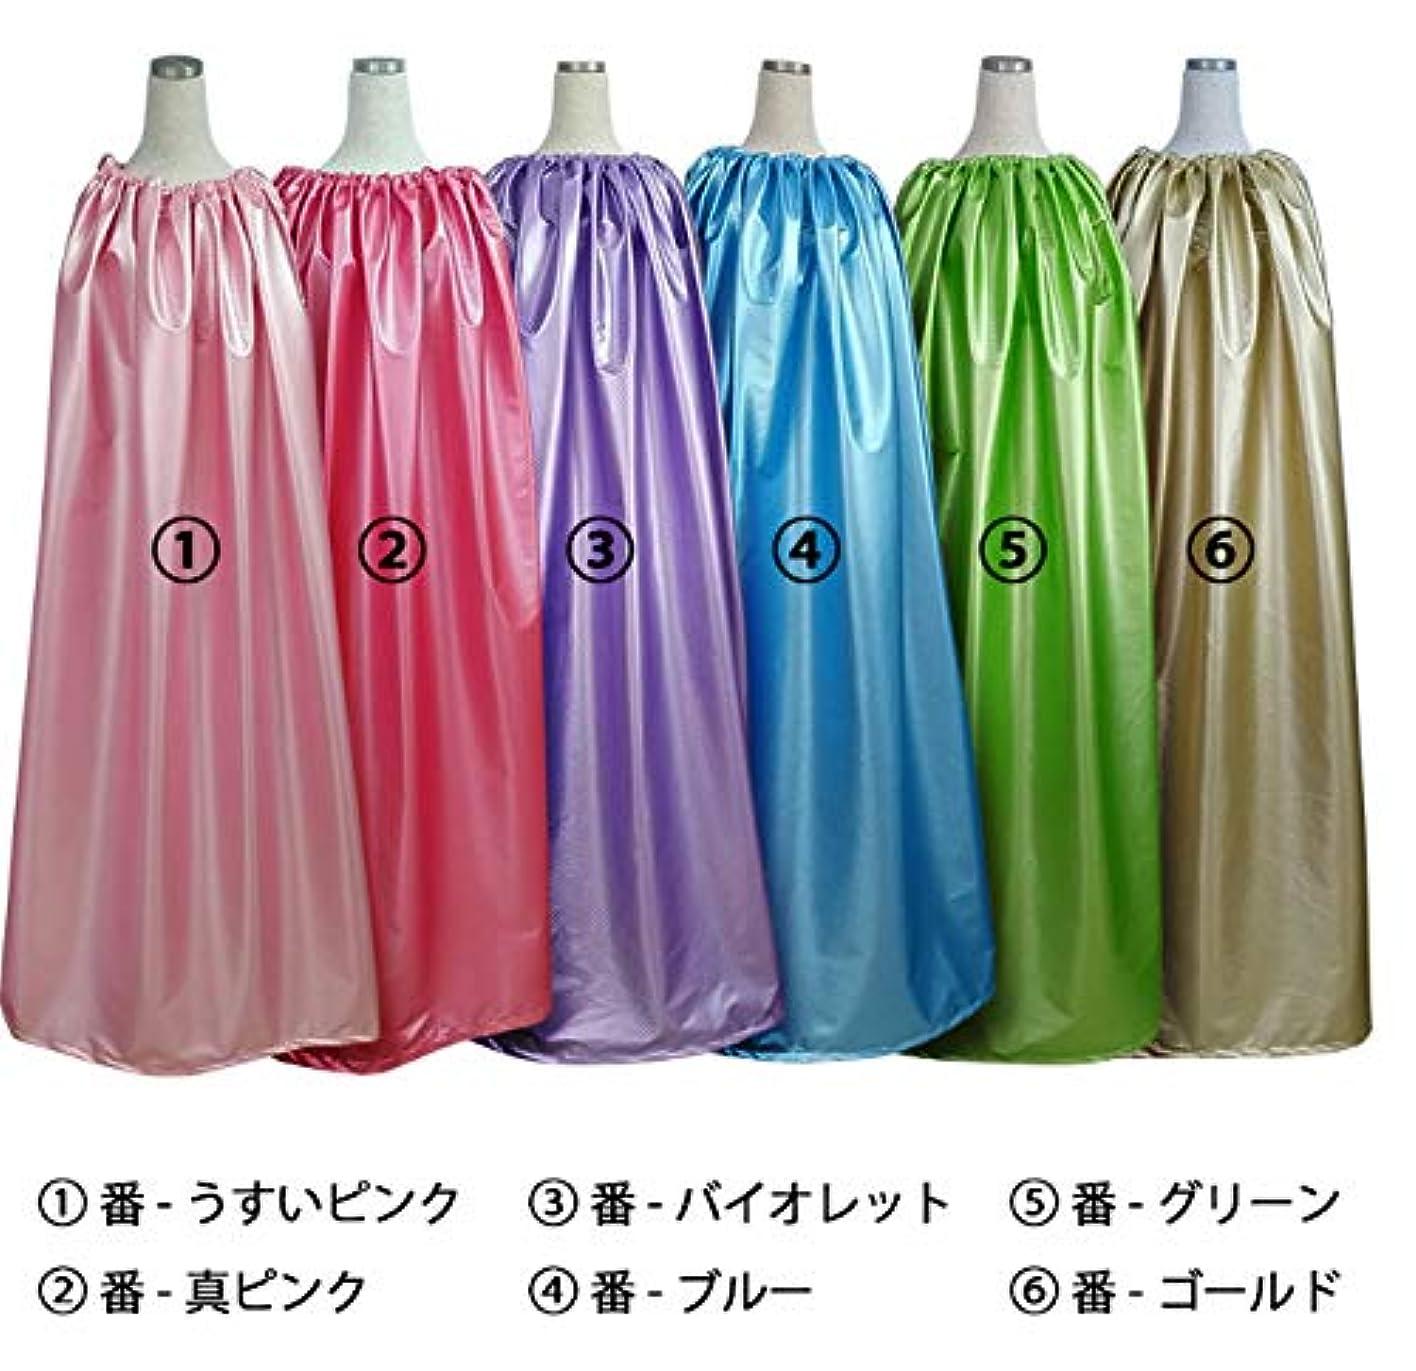 ヨモギ蒸し服、よもぎ蒸しマント可愛い色、色選択必要です一枚